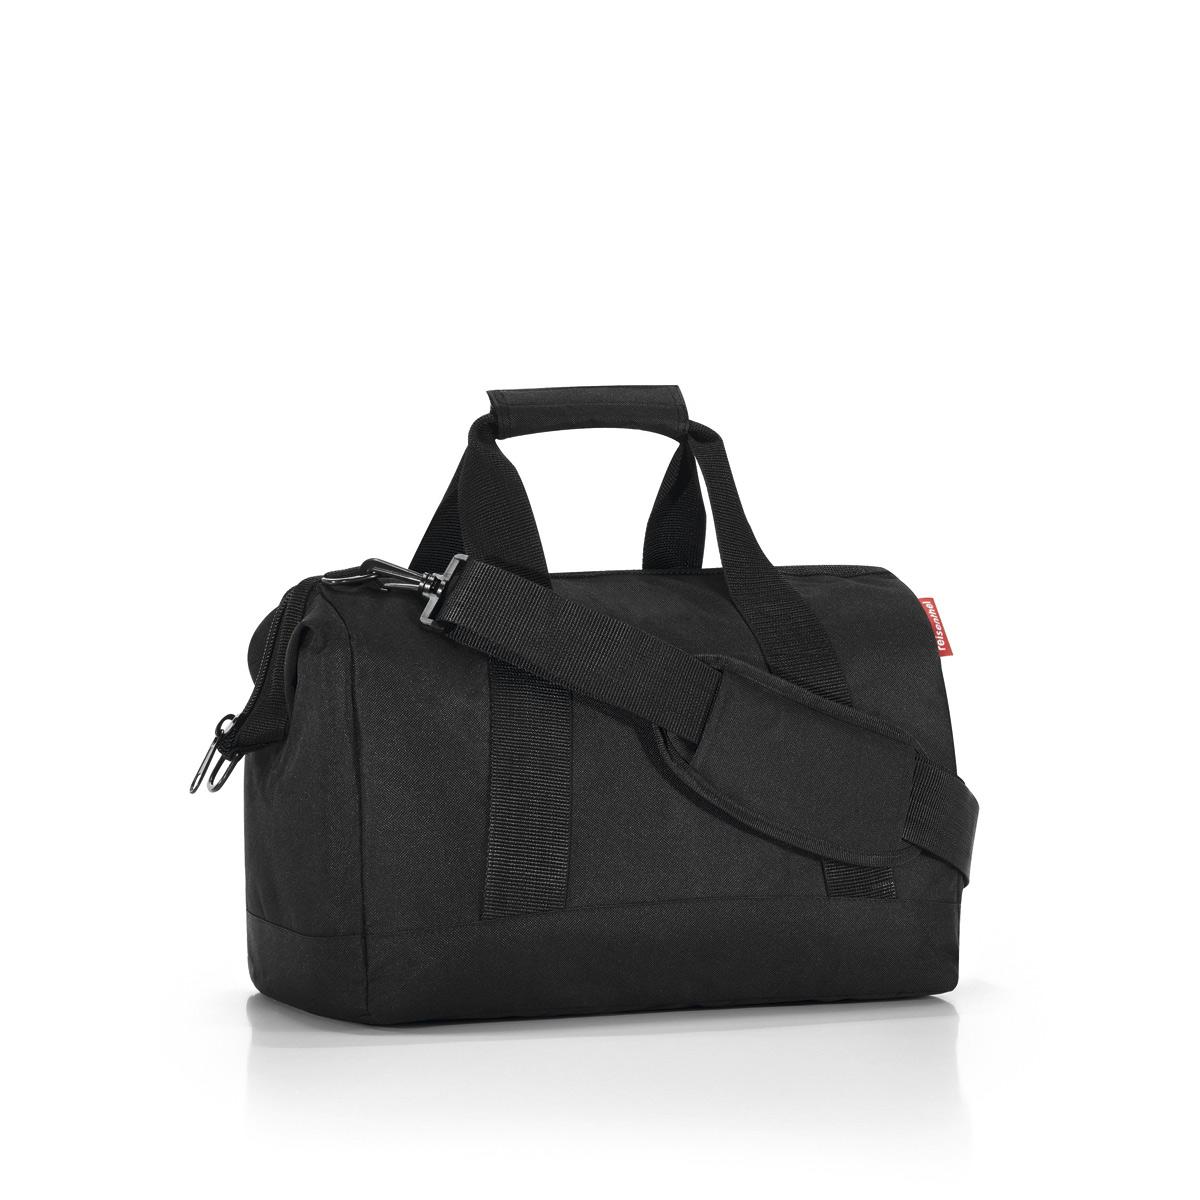 Сумка Reisenthel Allrounder M black, цвет: черный. MS700373298с-1Сумка хоть куда - и в путешествие, и в спортзал. Вместит все, от носков до пиджака. Приятные объемные стенки и дно создают силуэт, напоминающий старинные врачебные сумки. Застегивается на молнию, плюс внутрь встроены металлические скобы, фиксирующие ее в открытом состоянии. Внутри 6 кармашков для организации вещей. У сумки две удобные ручки и ремень регулируемой длины. Объем - 18 литров.